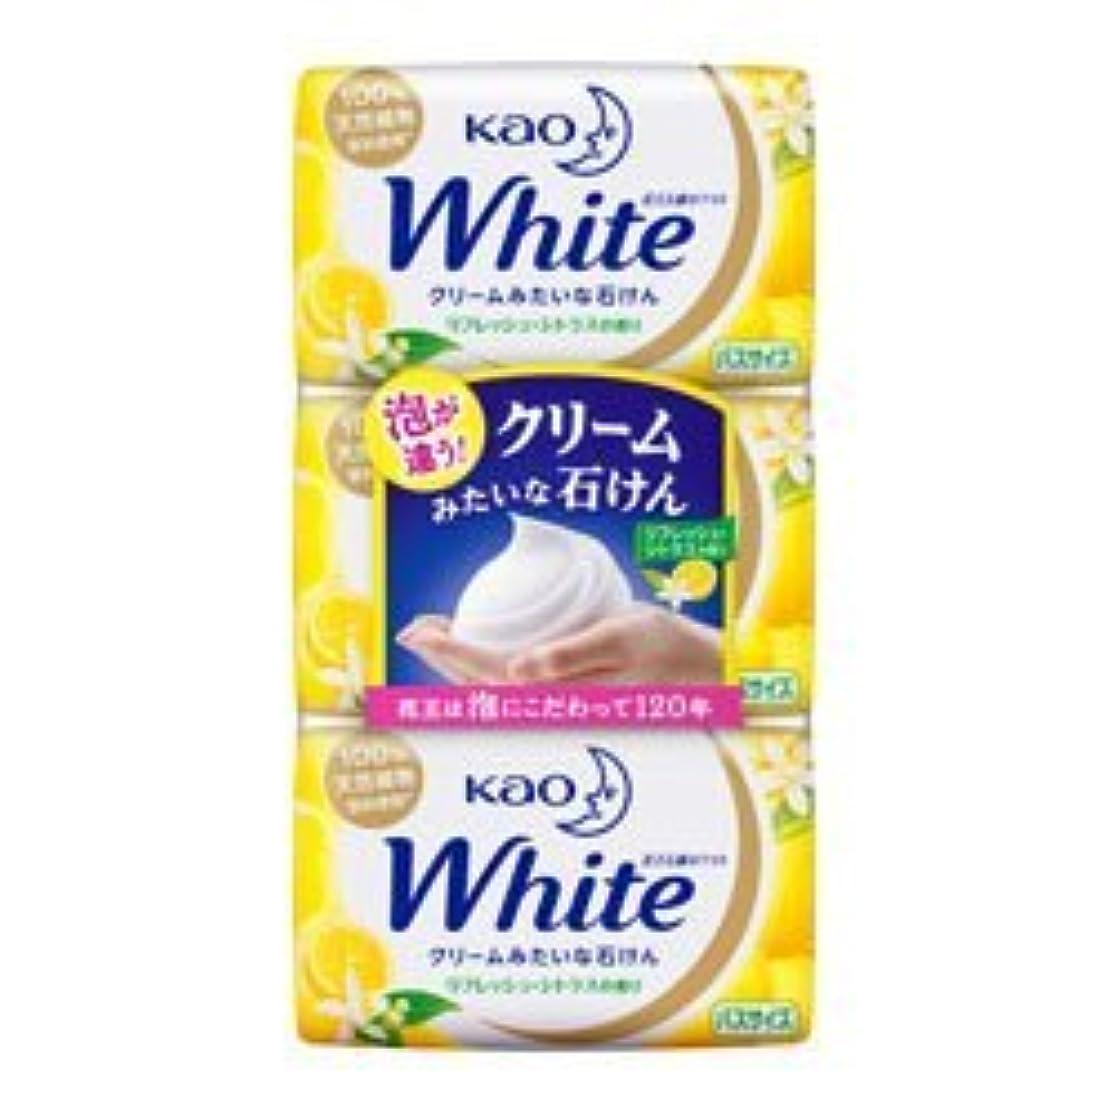 間違っている簡略化する押し下げる【花王】ホワイト リフレッシュ?シトラスの香り バスサイズ 130g×3個入 ×3個セット